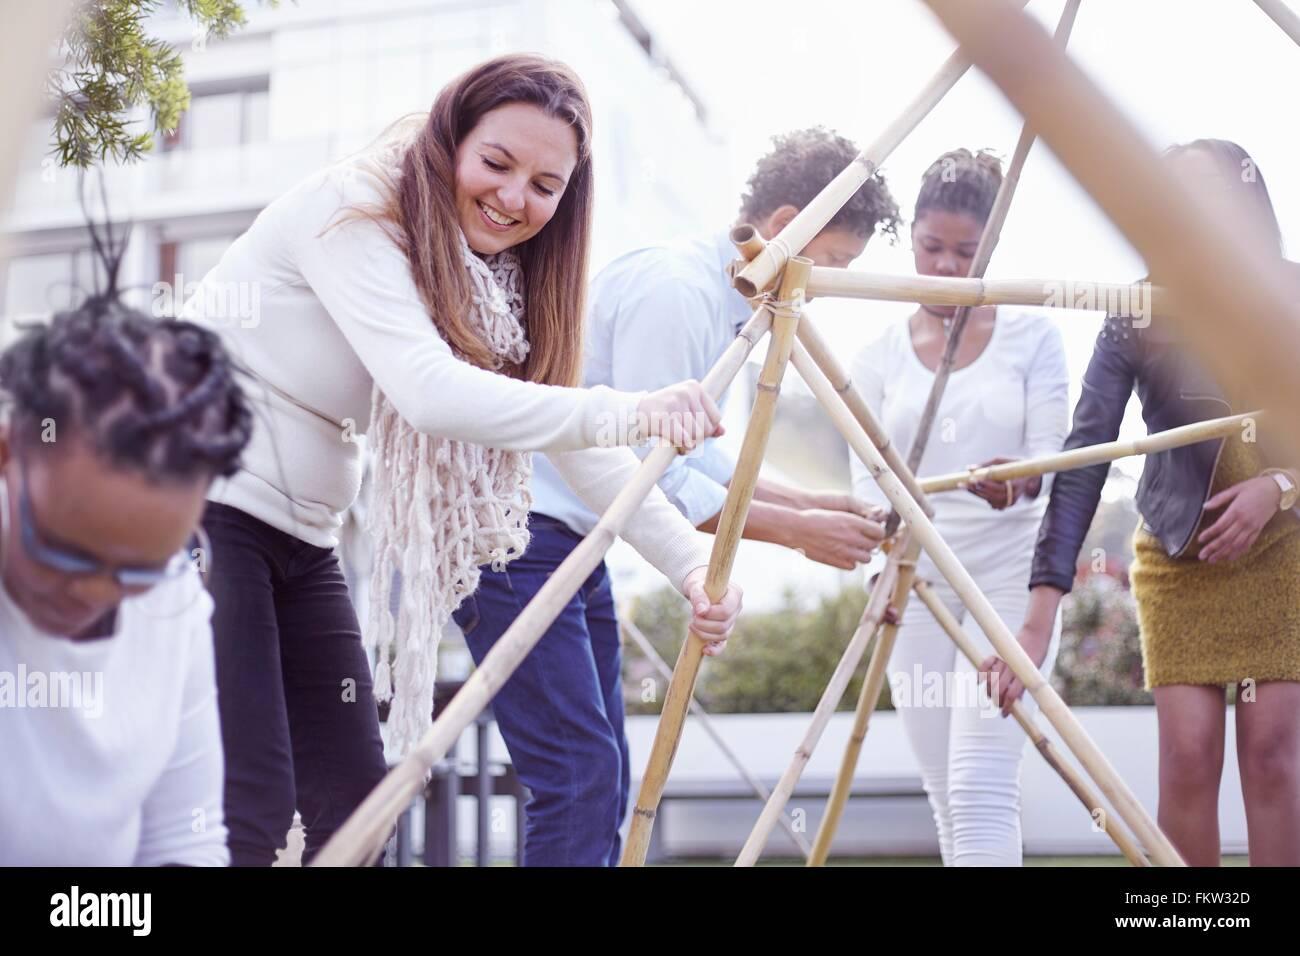 Kolleginnen und Kollegen im Team-building Aufgabe Gebäude hölzerne Struktur lächelnd Stockbild